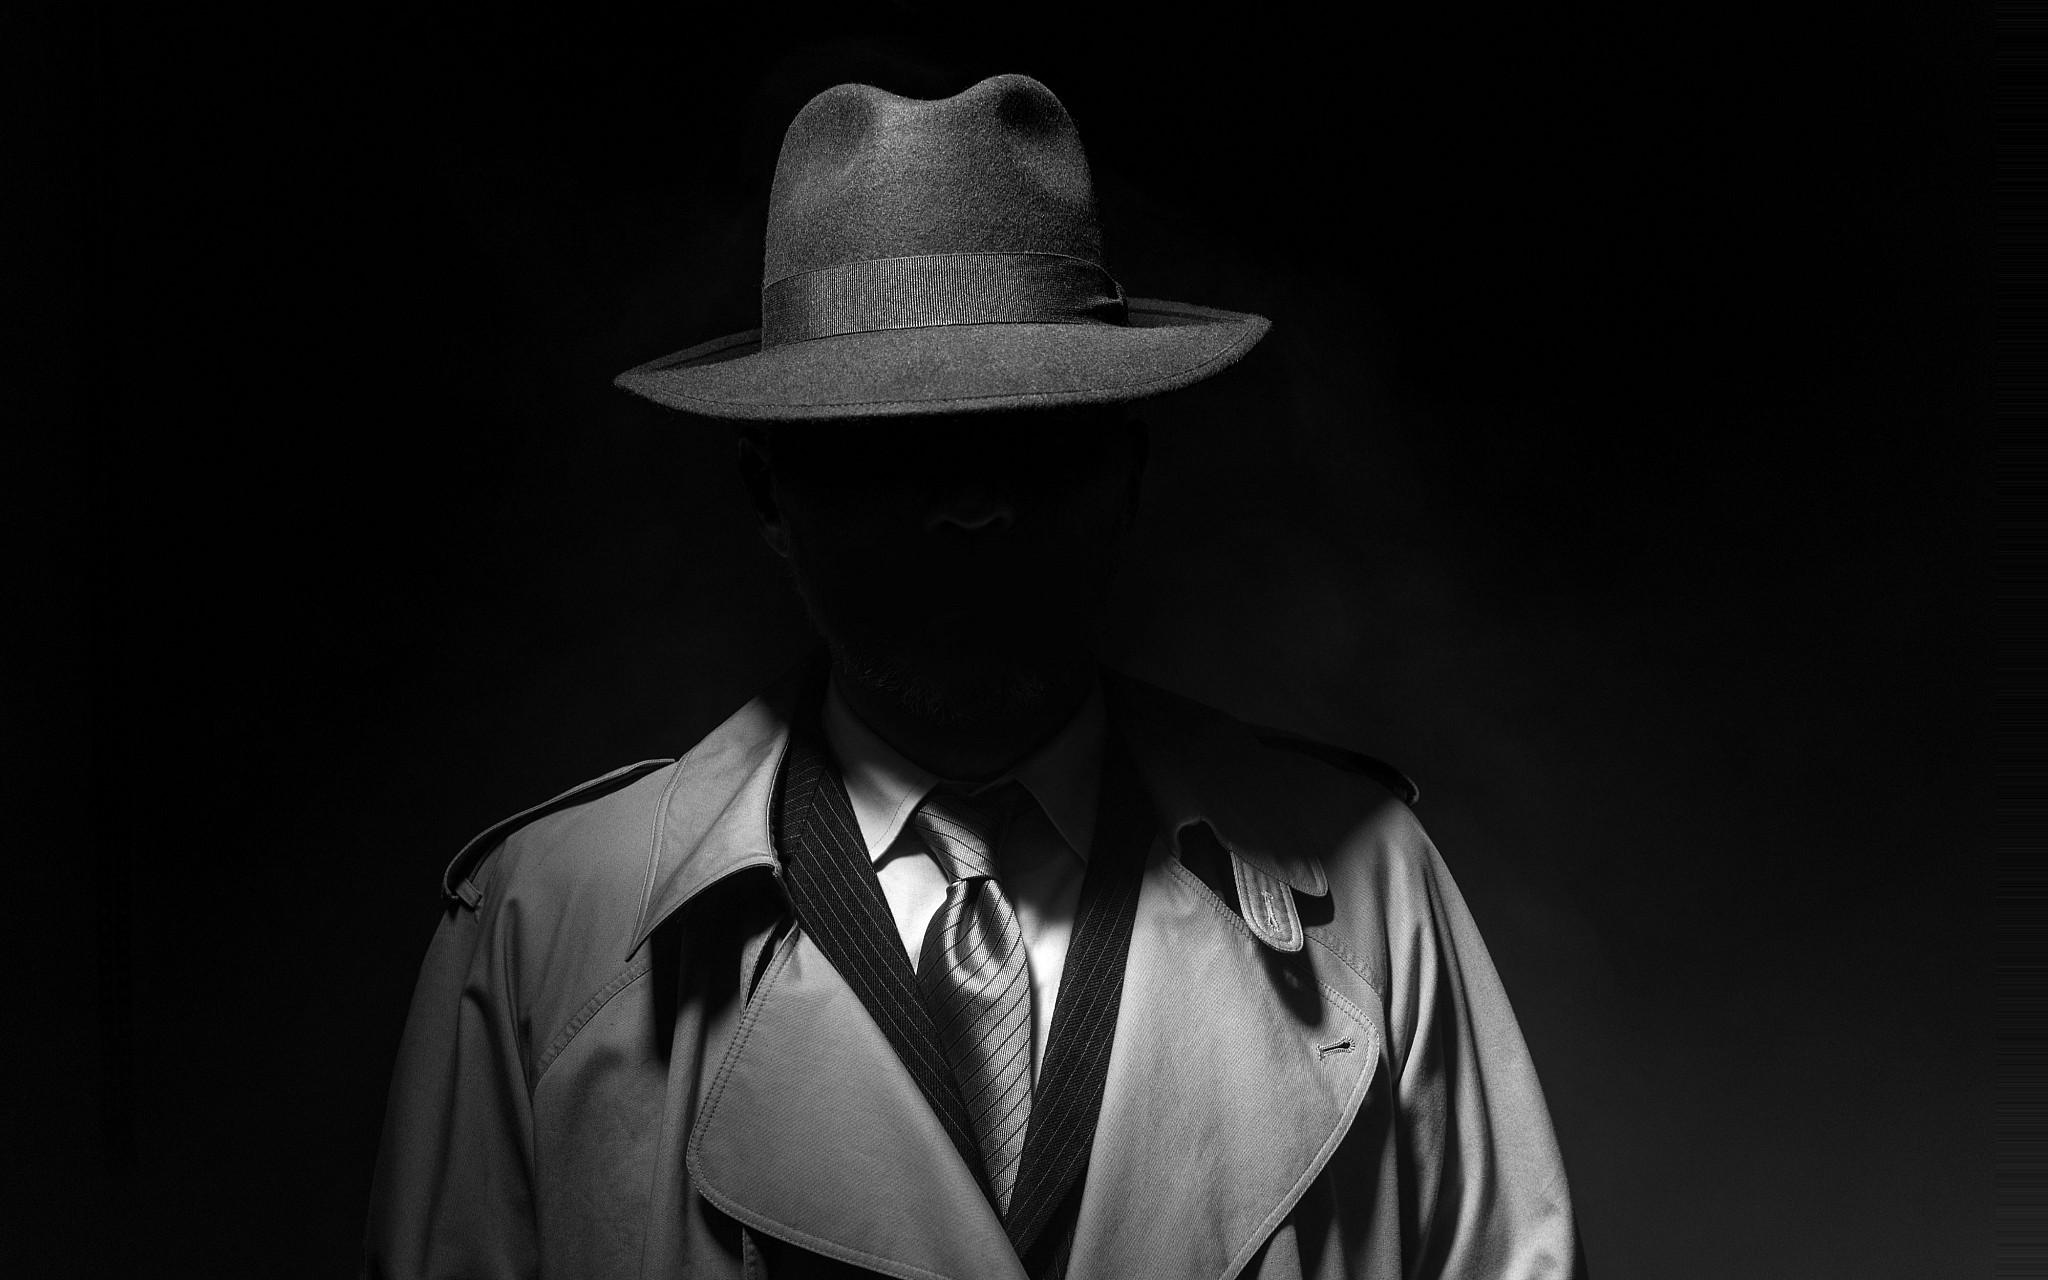 Un espion capturé au Venezuela a travaillé 10 ans en Irak pour la CIA